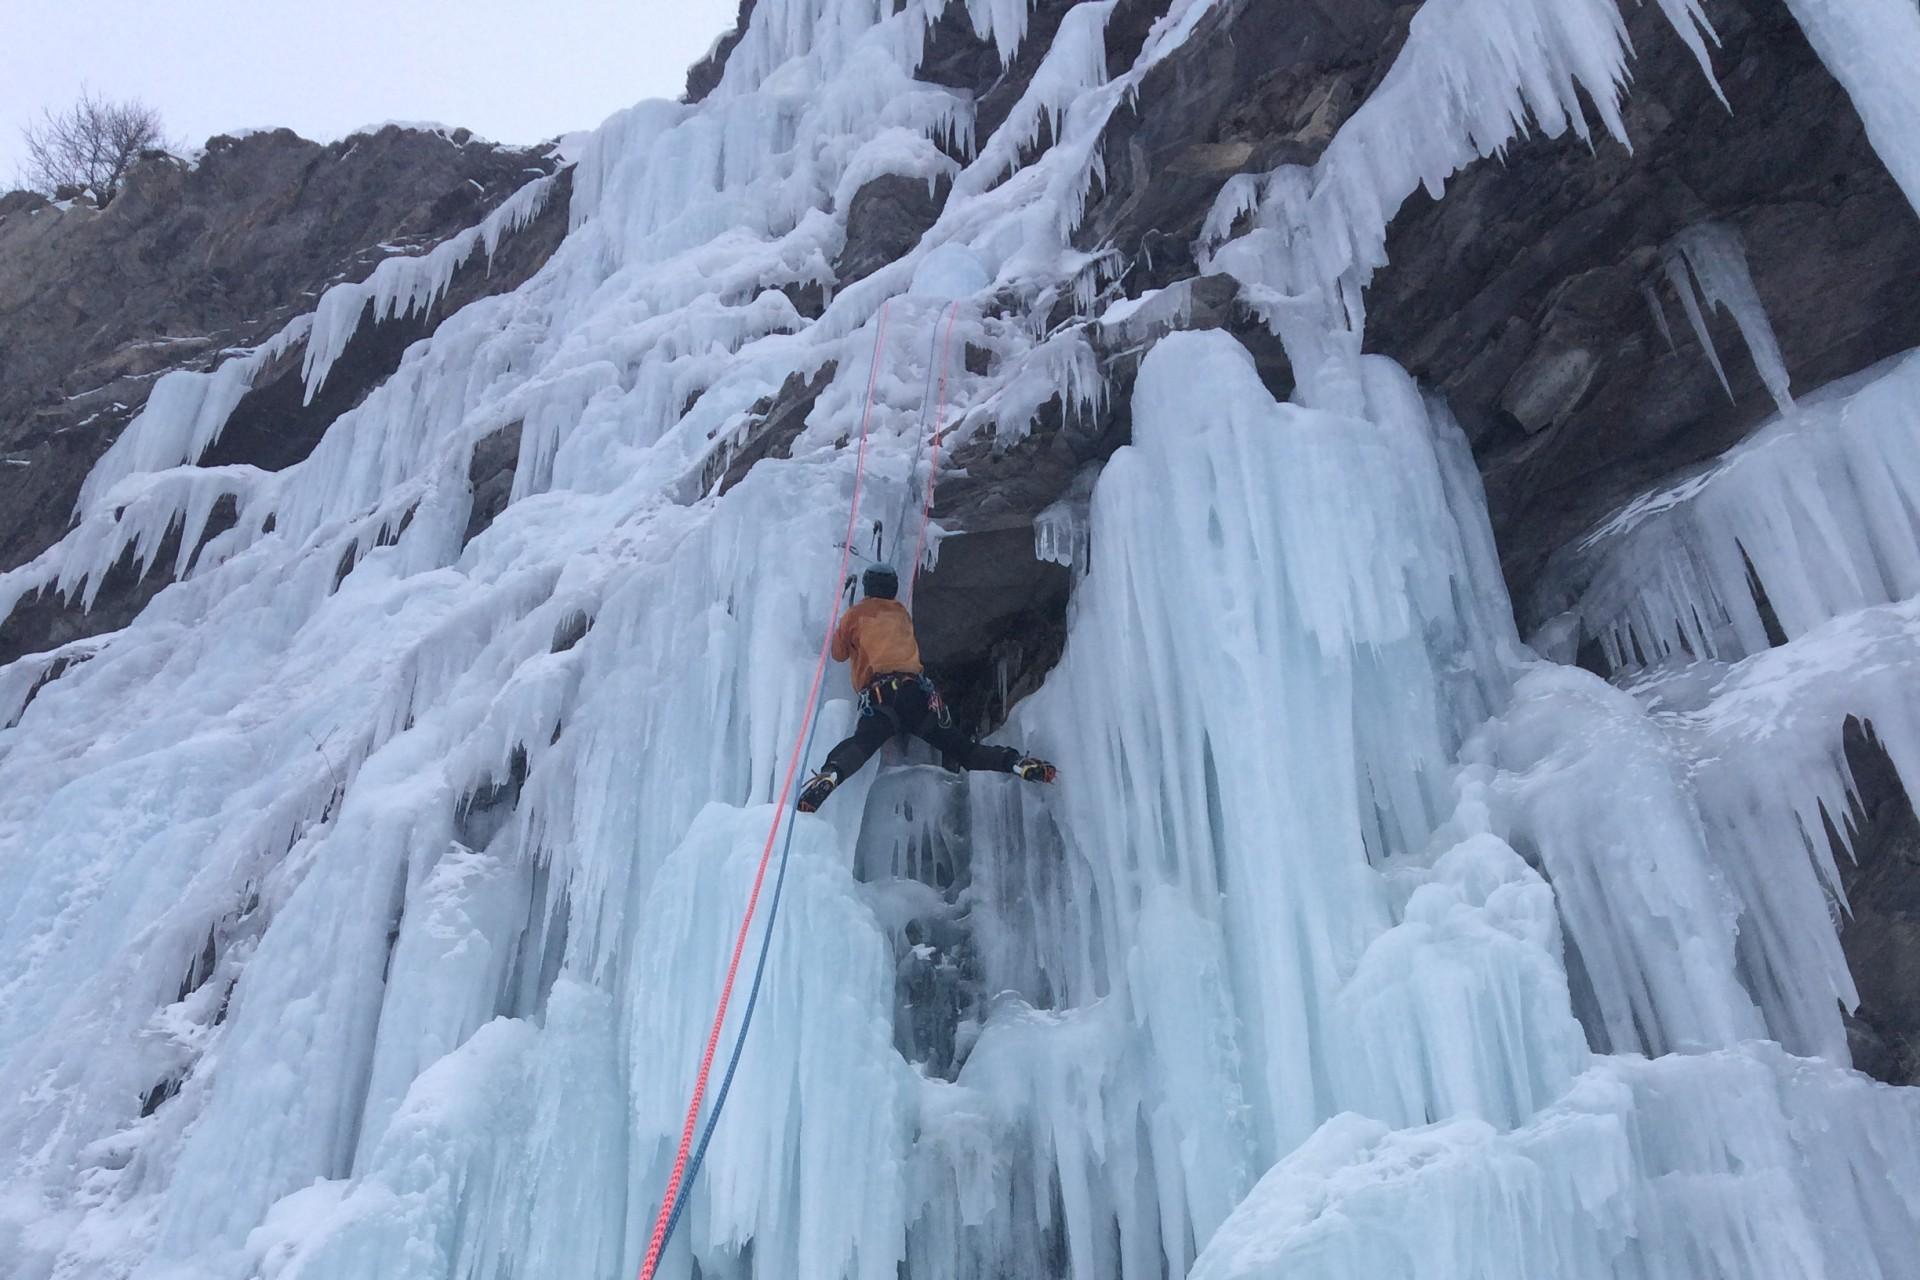 Stage perf escalade sur glace stage autonomie Hautes Alpes